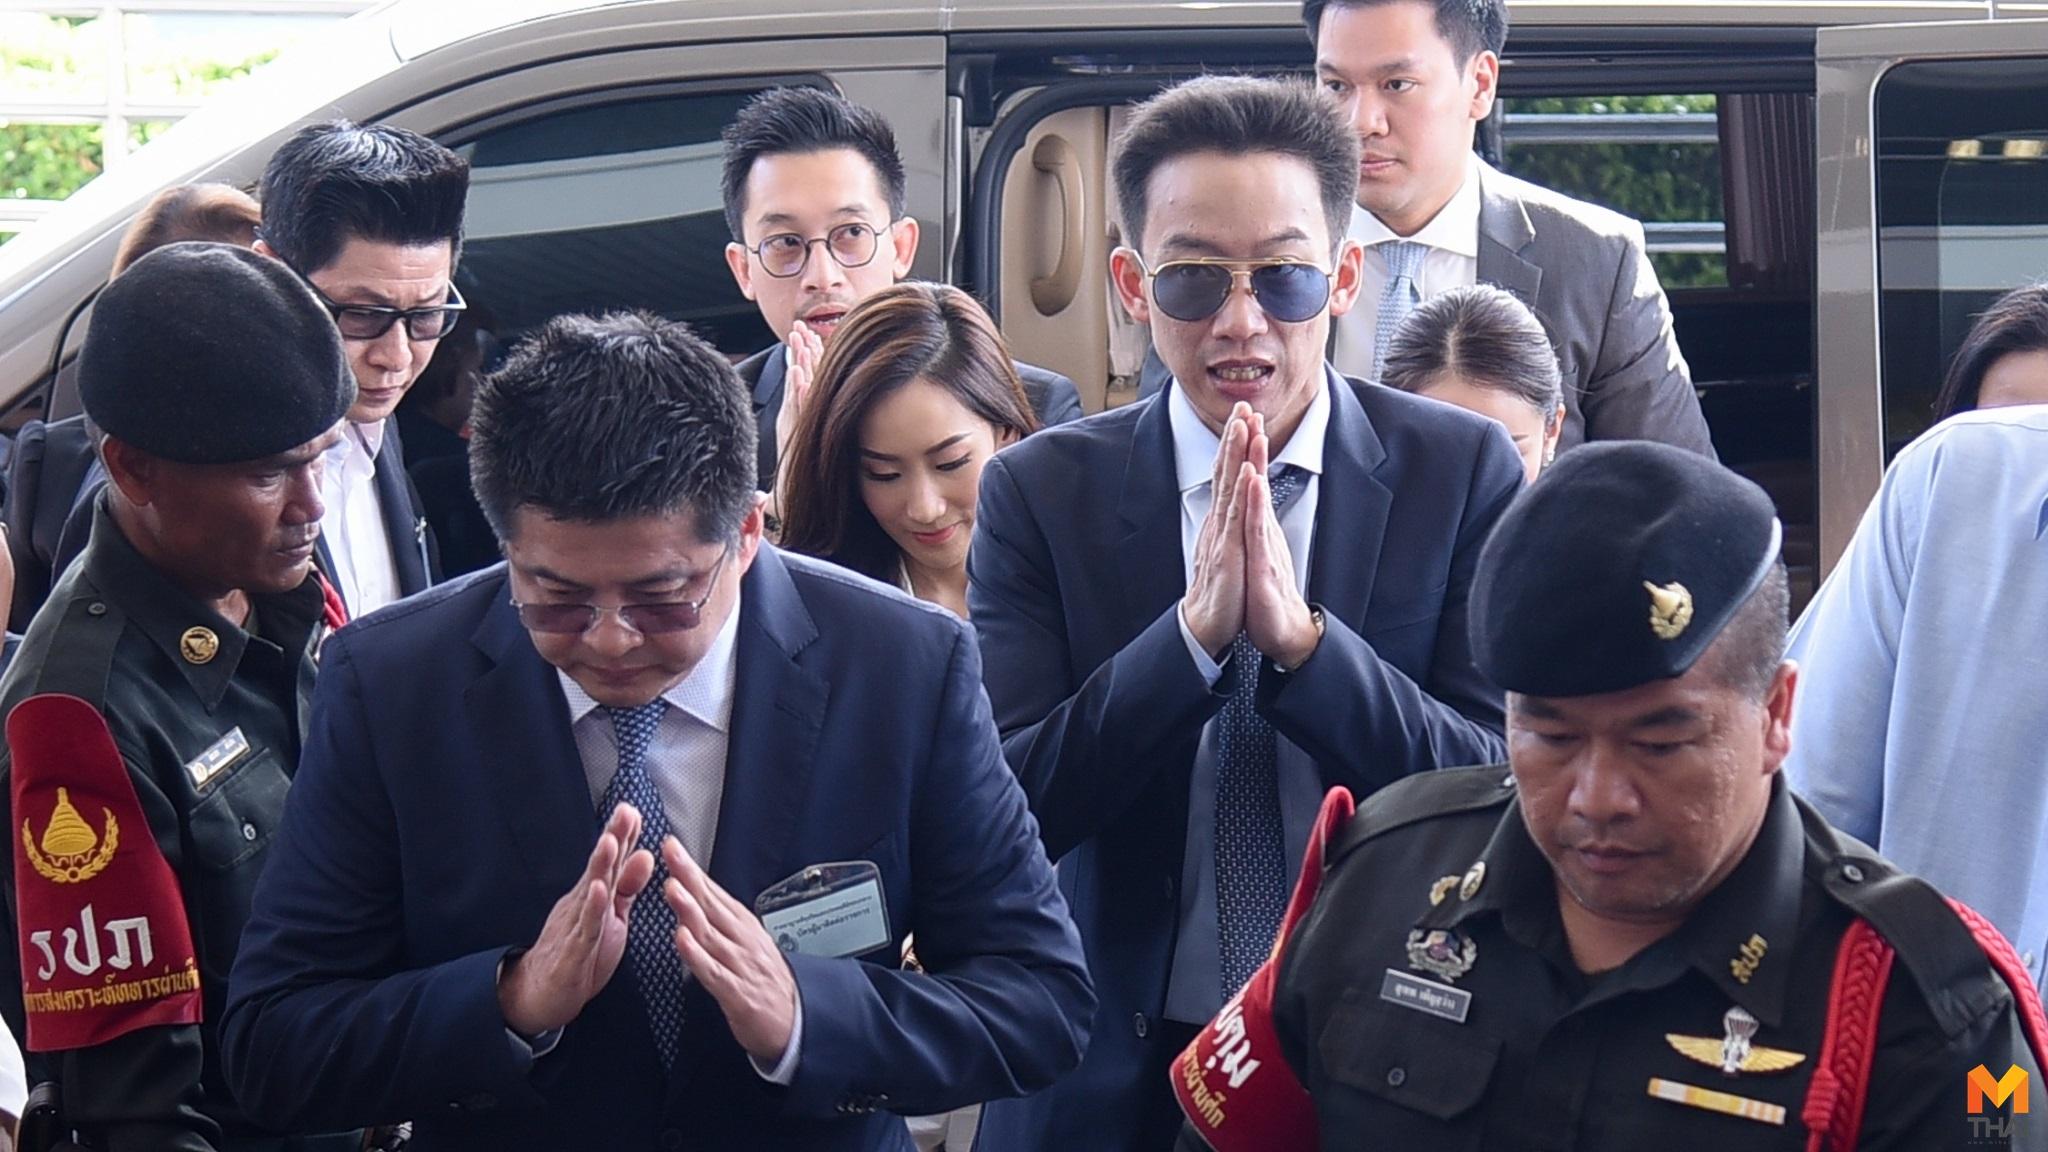 คดีปล่อยกู้กรุงไทย โอ๊ค พานทองแท้